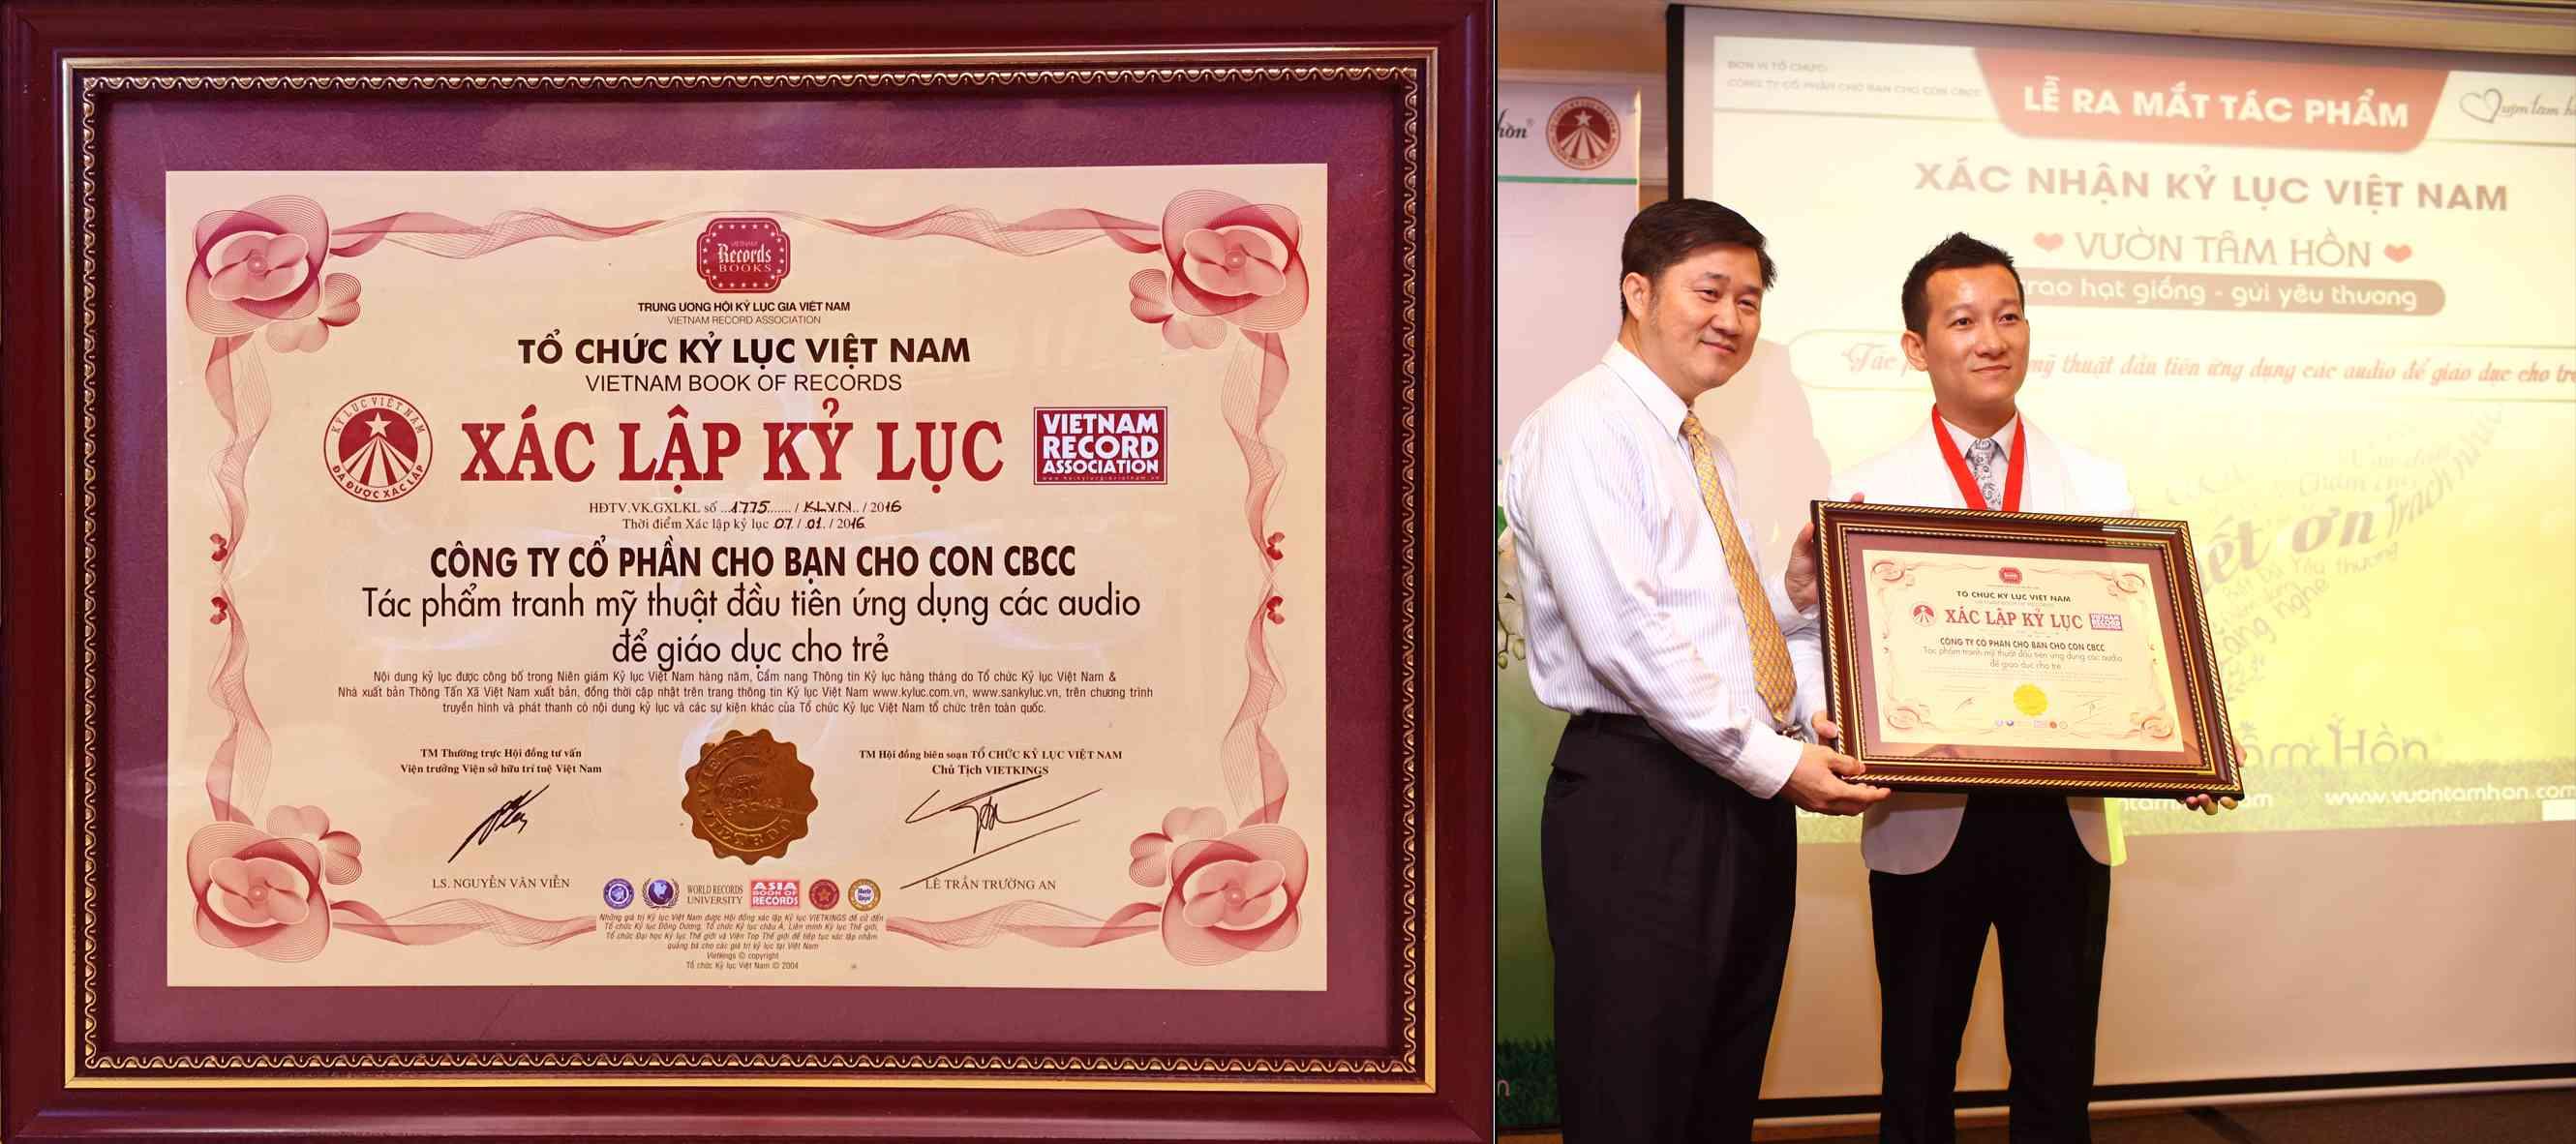 Anh Trần Quốc Phúc nhận Kỷ Lục Việt Nam cho tác phẩm Vườn Tâm Hồn